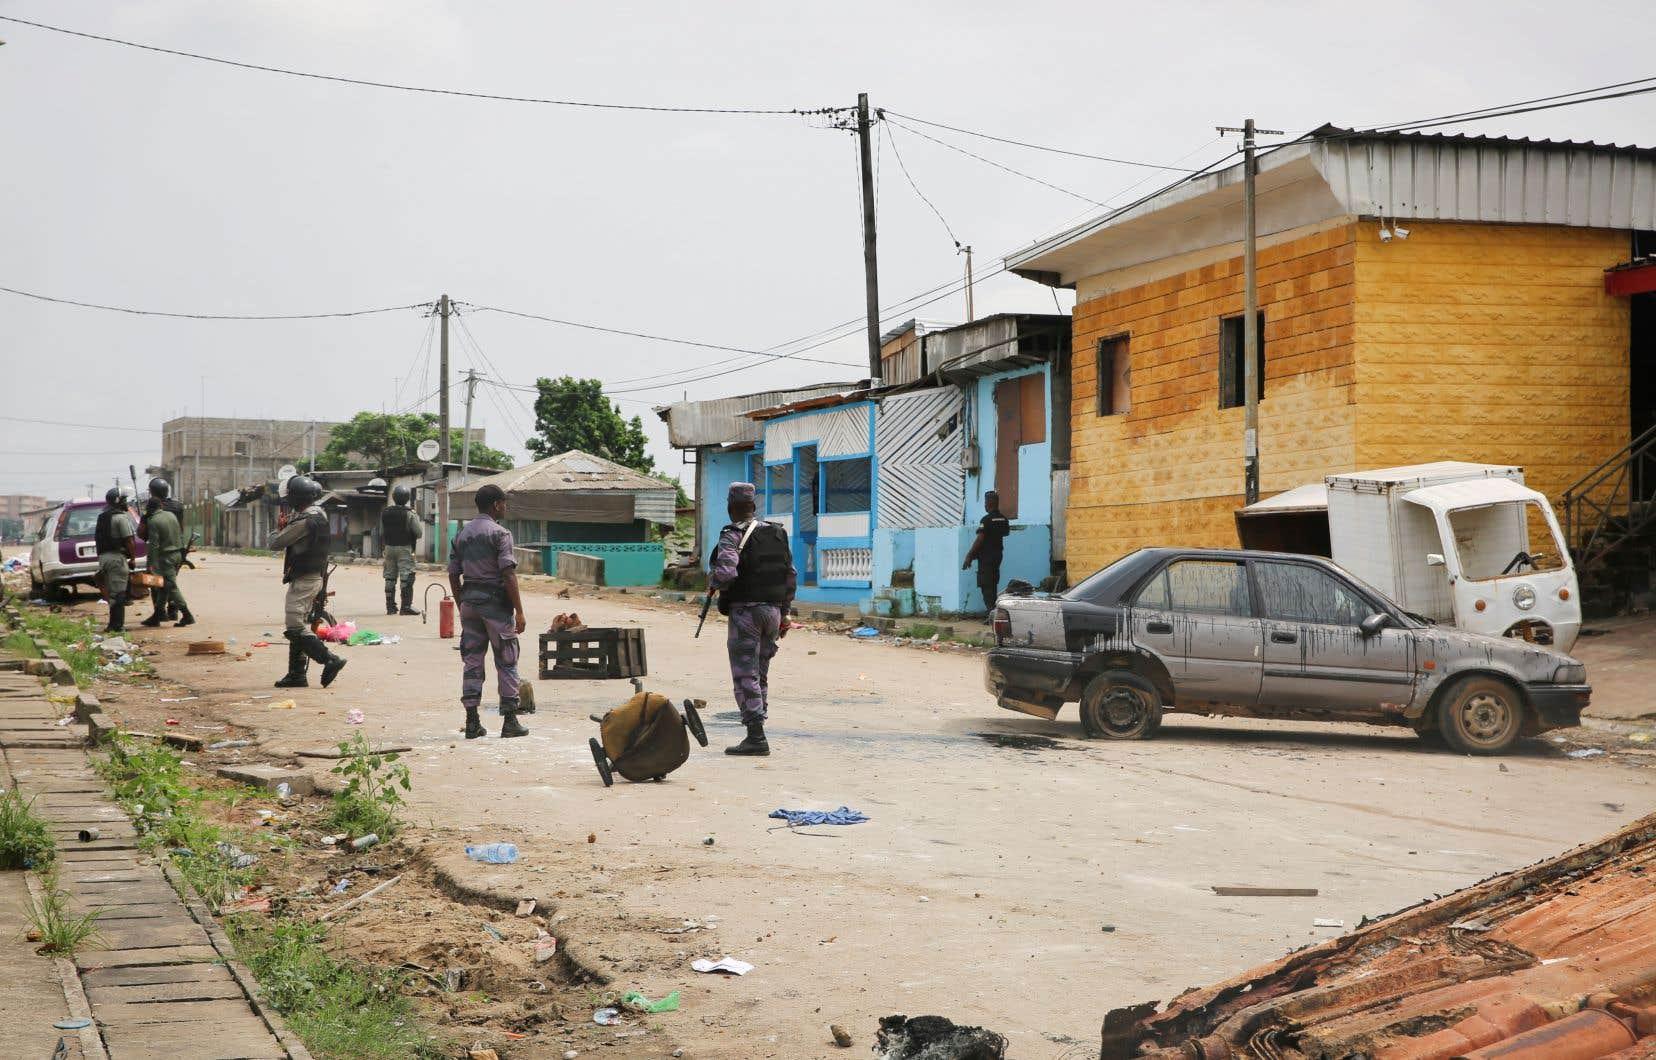 Des gendarmes gabonais, près du quartier général de Radiodiffusion télévision gabonaise (RTG) à Libreville lundi, après une tentative de coup d'État, alors que le président est absent depuis deux mois et demi